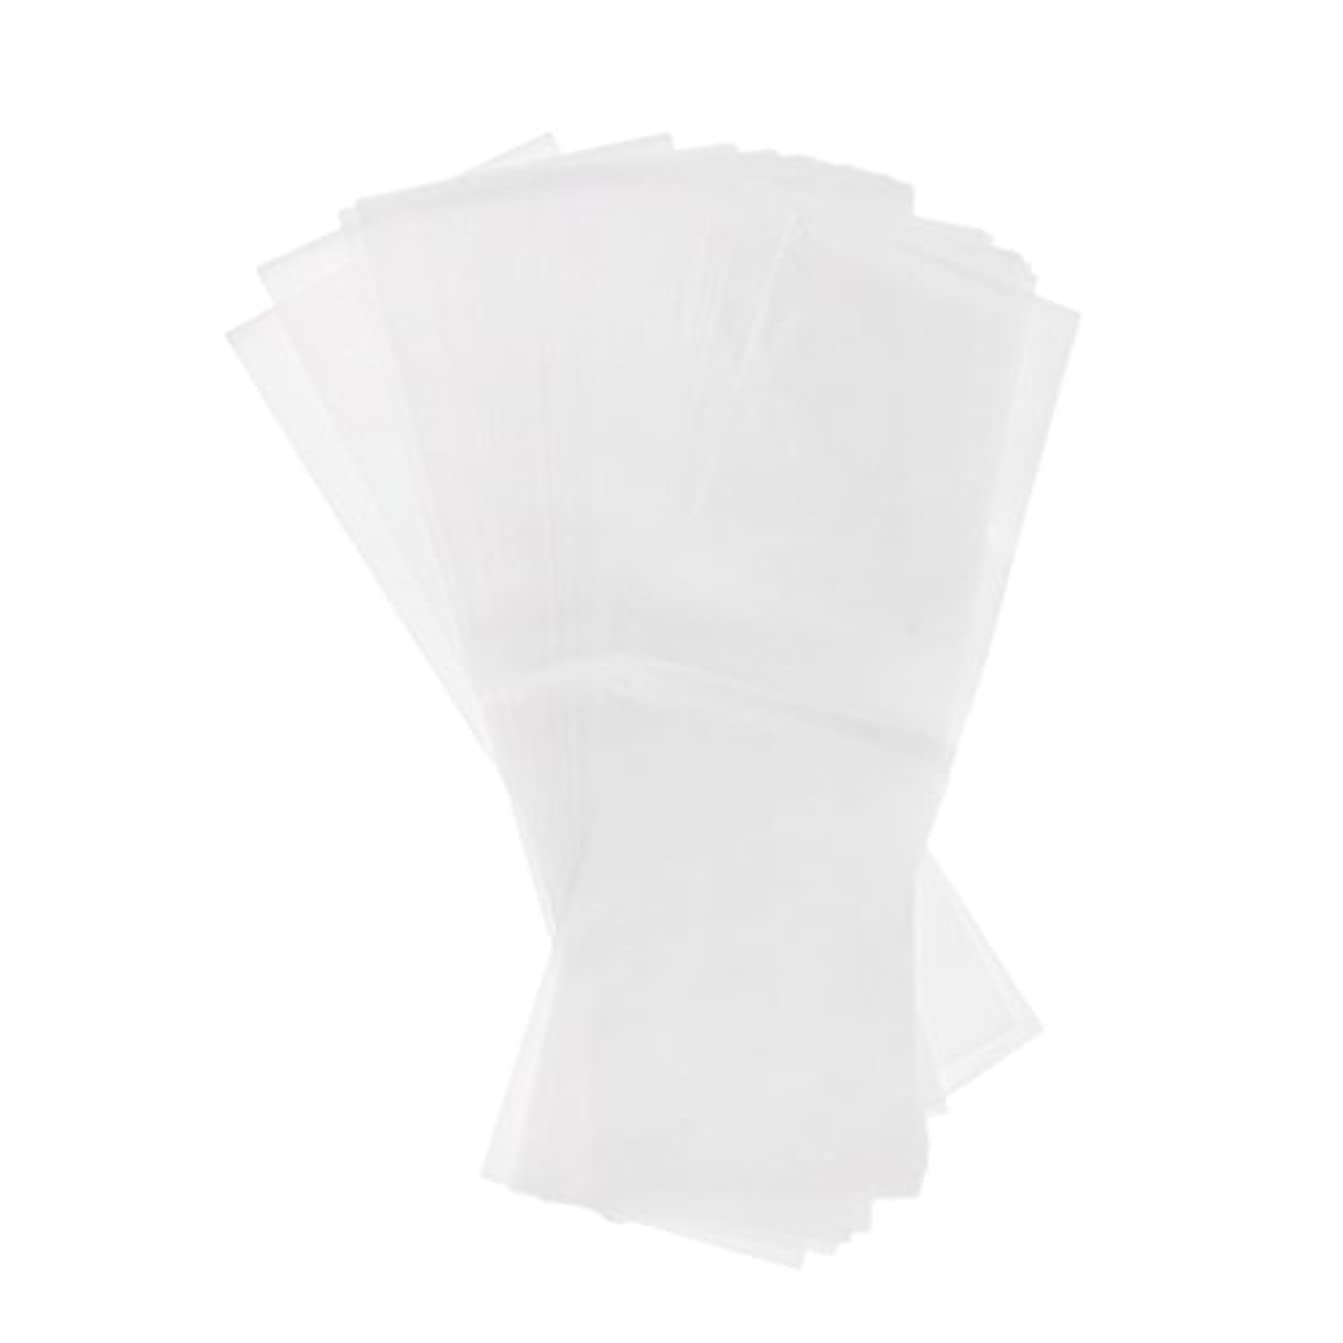 約50枚 毛染め 分版用紙 プラスチック製 染毛紙 色のハイライト おしゃれ染め 2仕様選べる - ホワイト